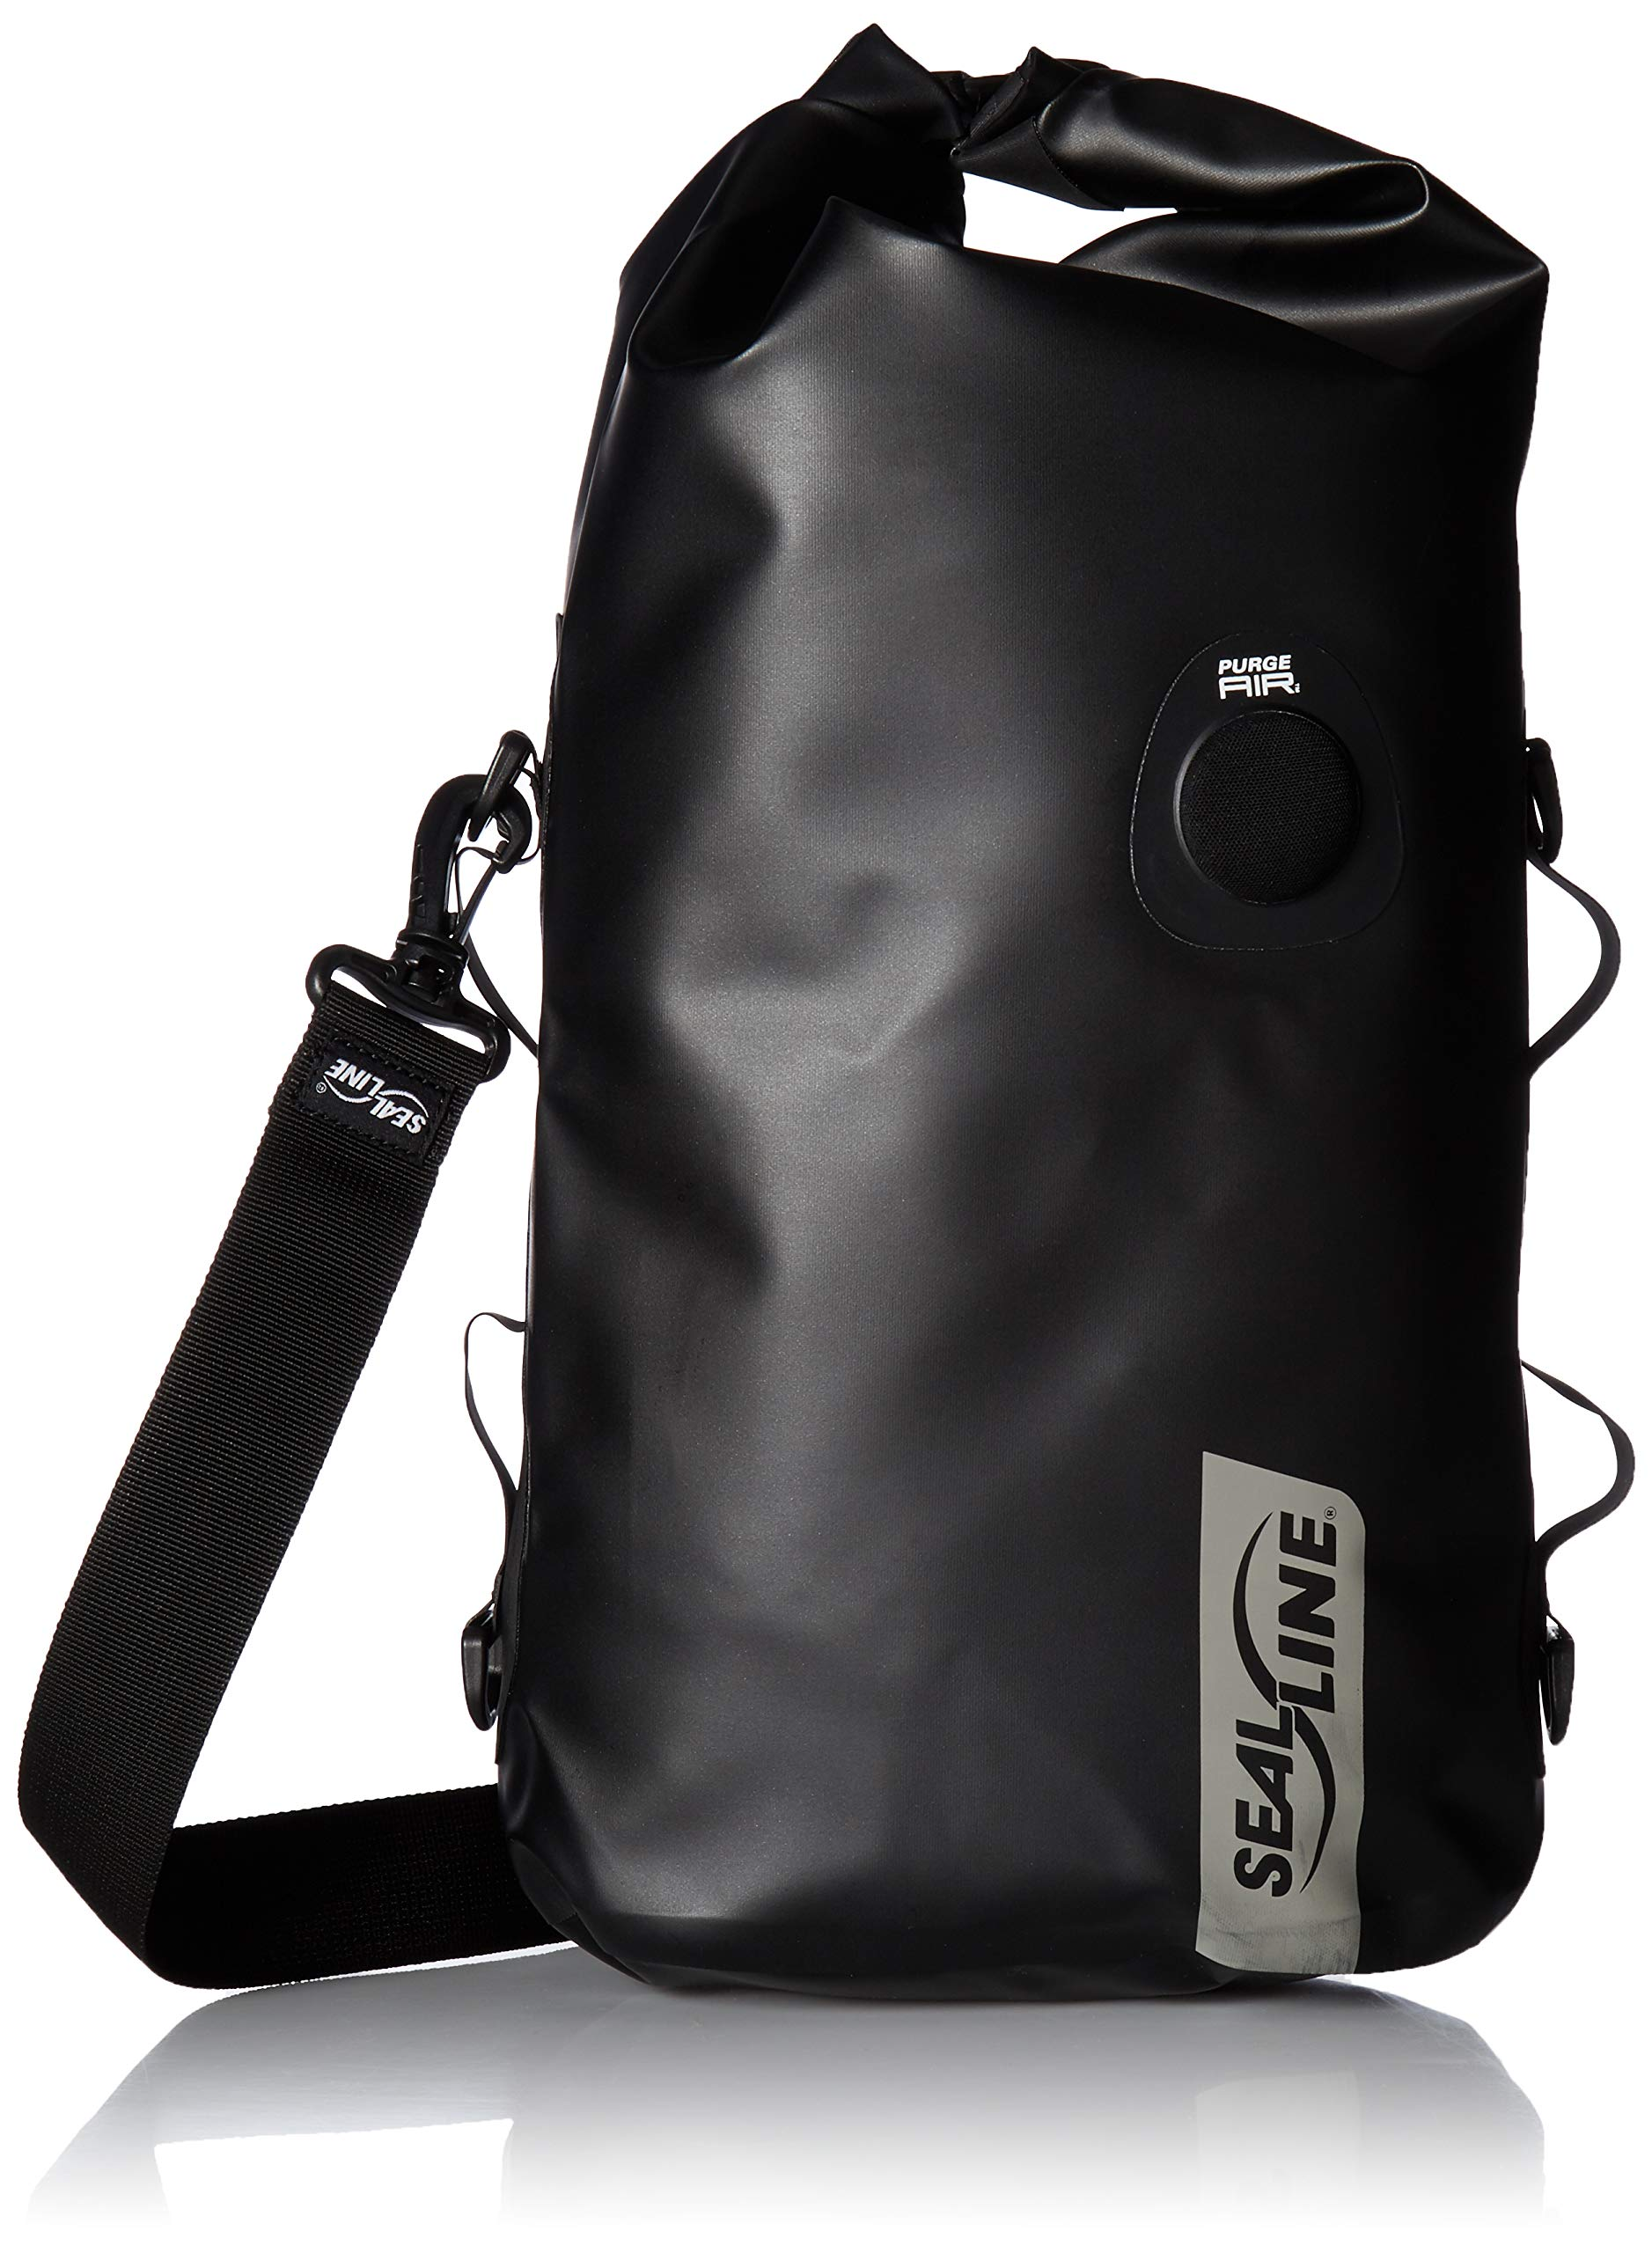 SealLine Discovery Deck Waterproof Dry Bag with PurgeAir, Black, 20-Liter